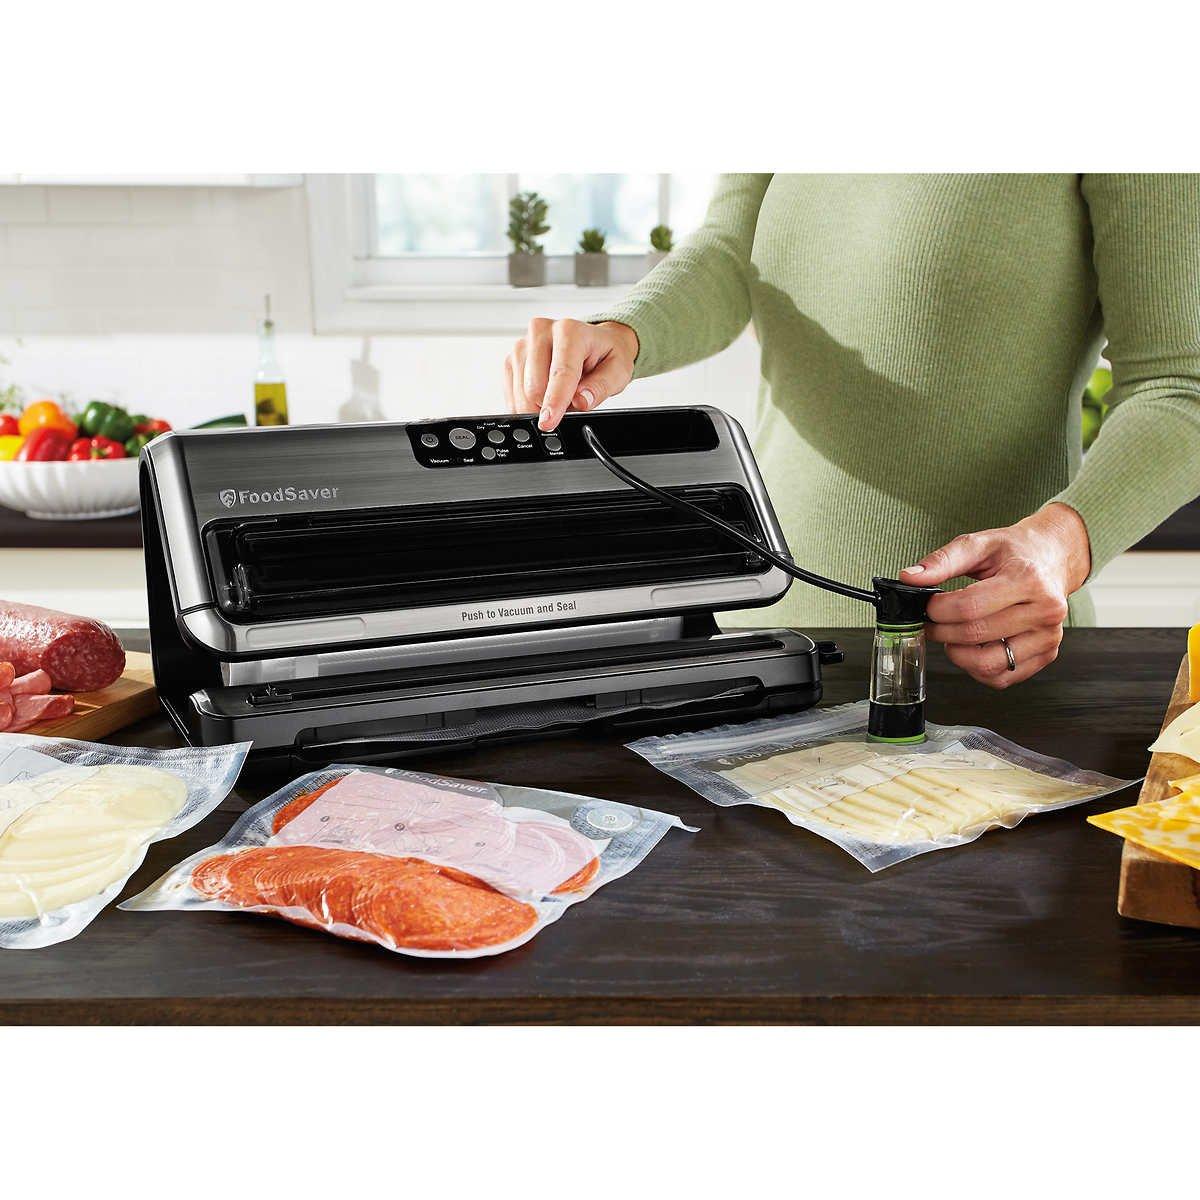 Foodsaver FM5440 Vacuum Sealer for Food Preservation